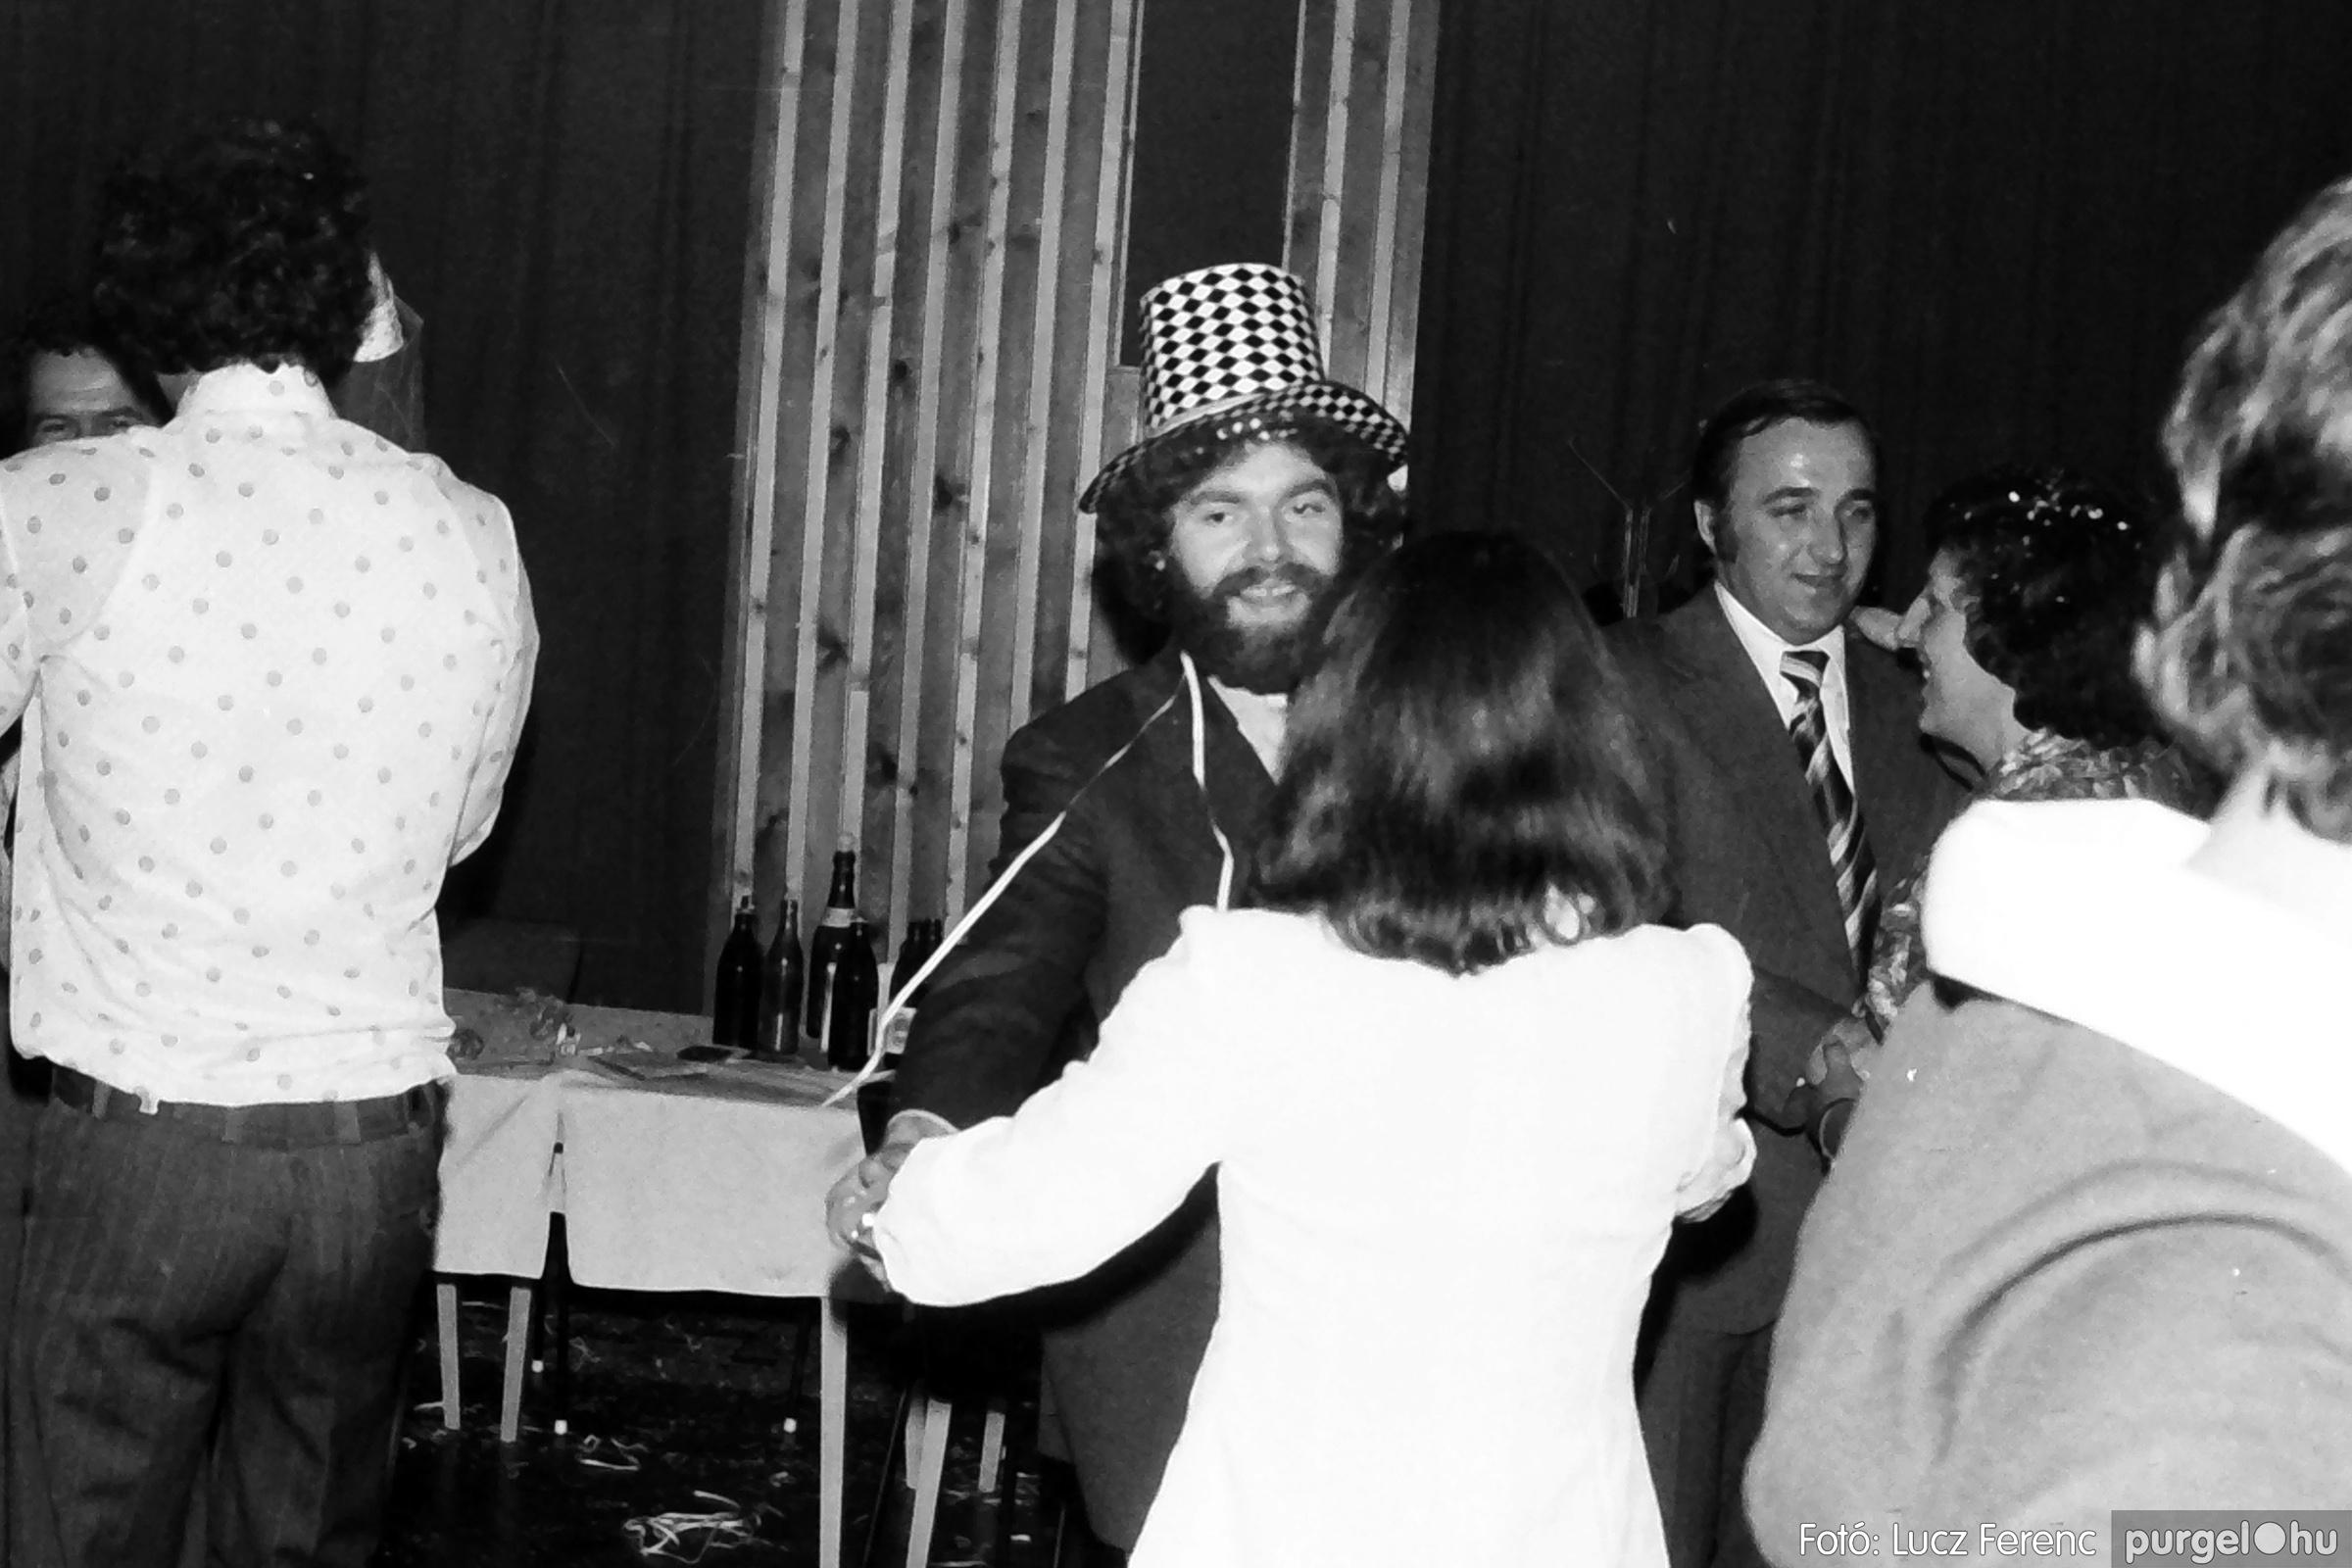 070. 1976.12.31. Szilveszter a kultúrházban 001. - Fotó: Lucz Ferenc.jpg